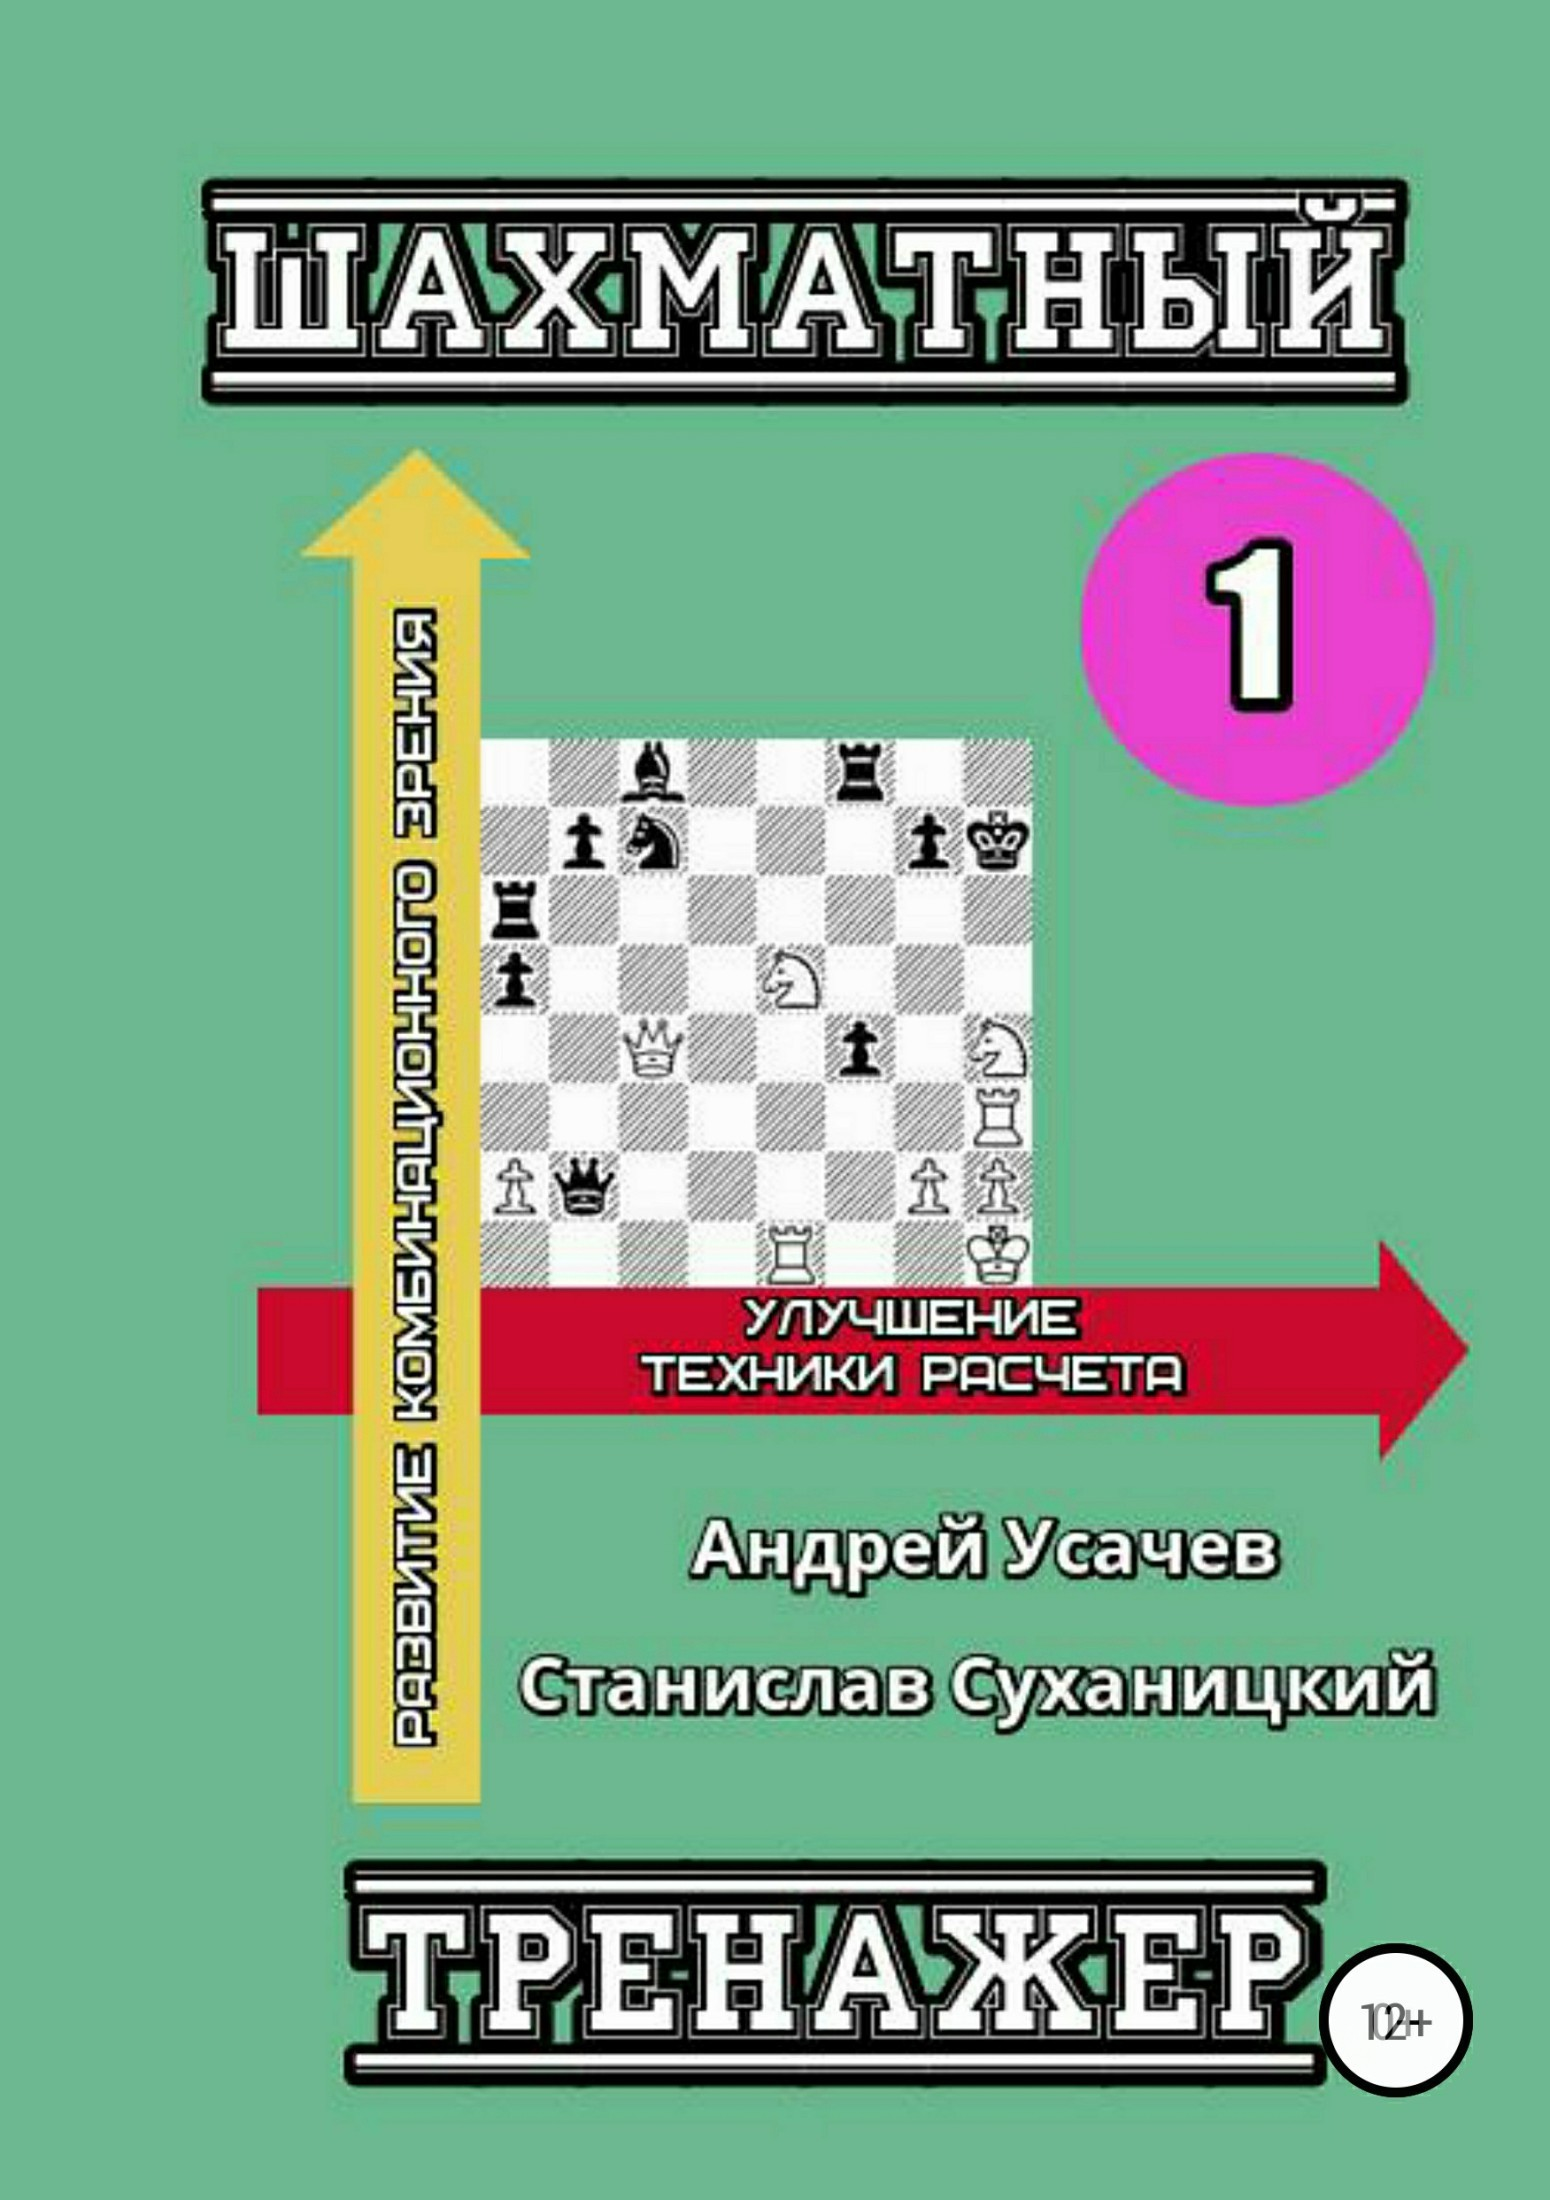 Шахматный тренажер – 1